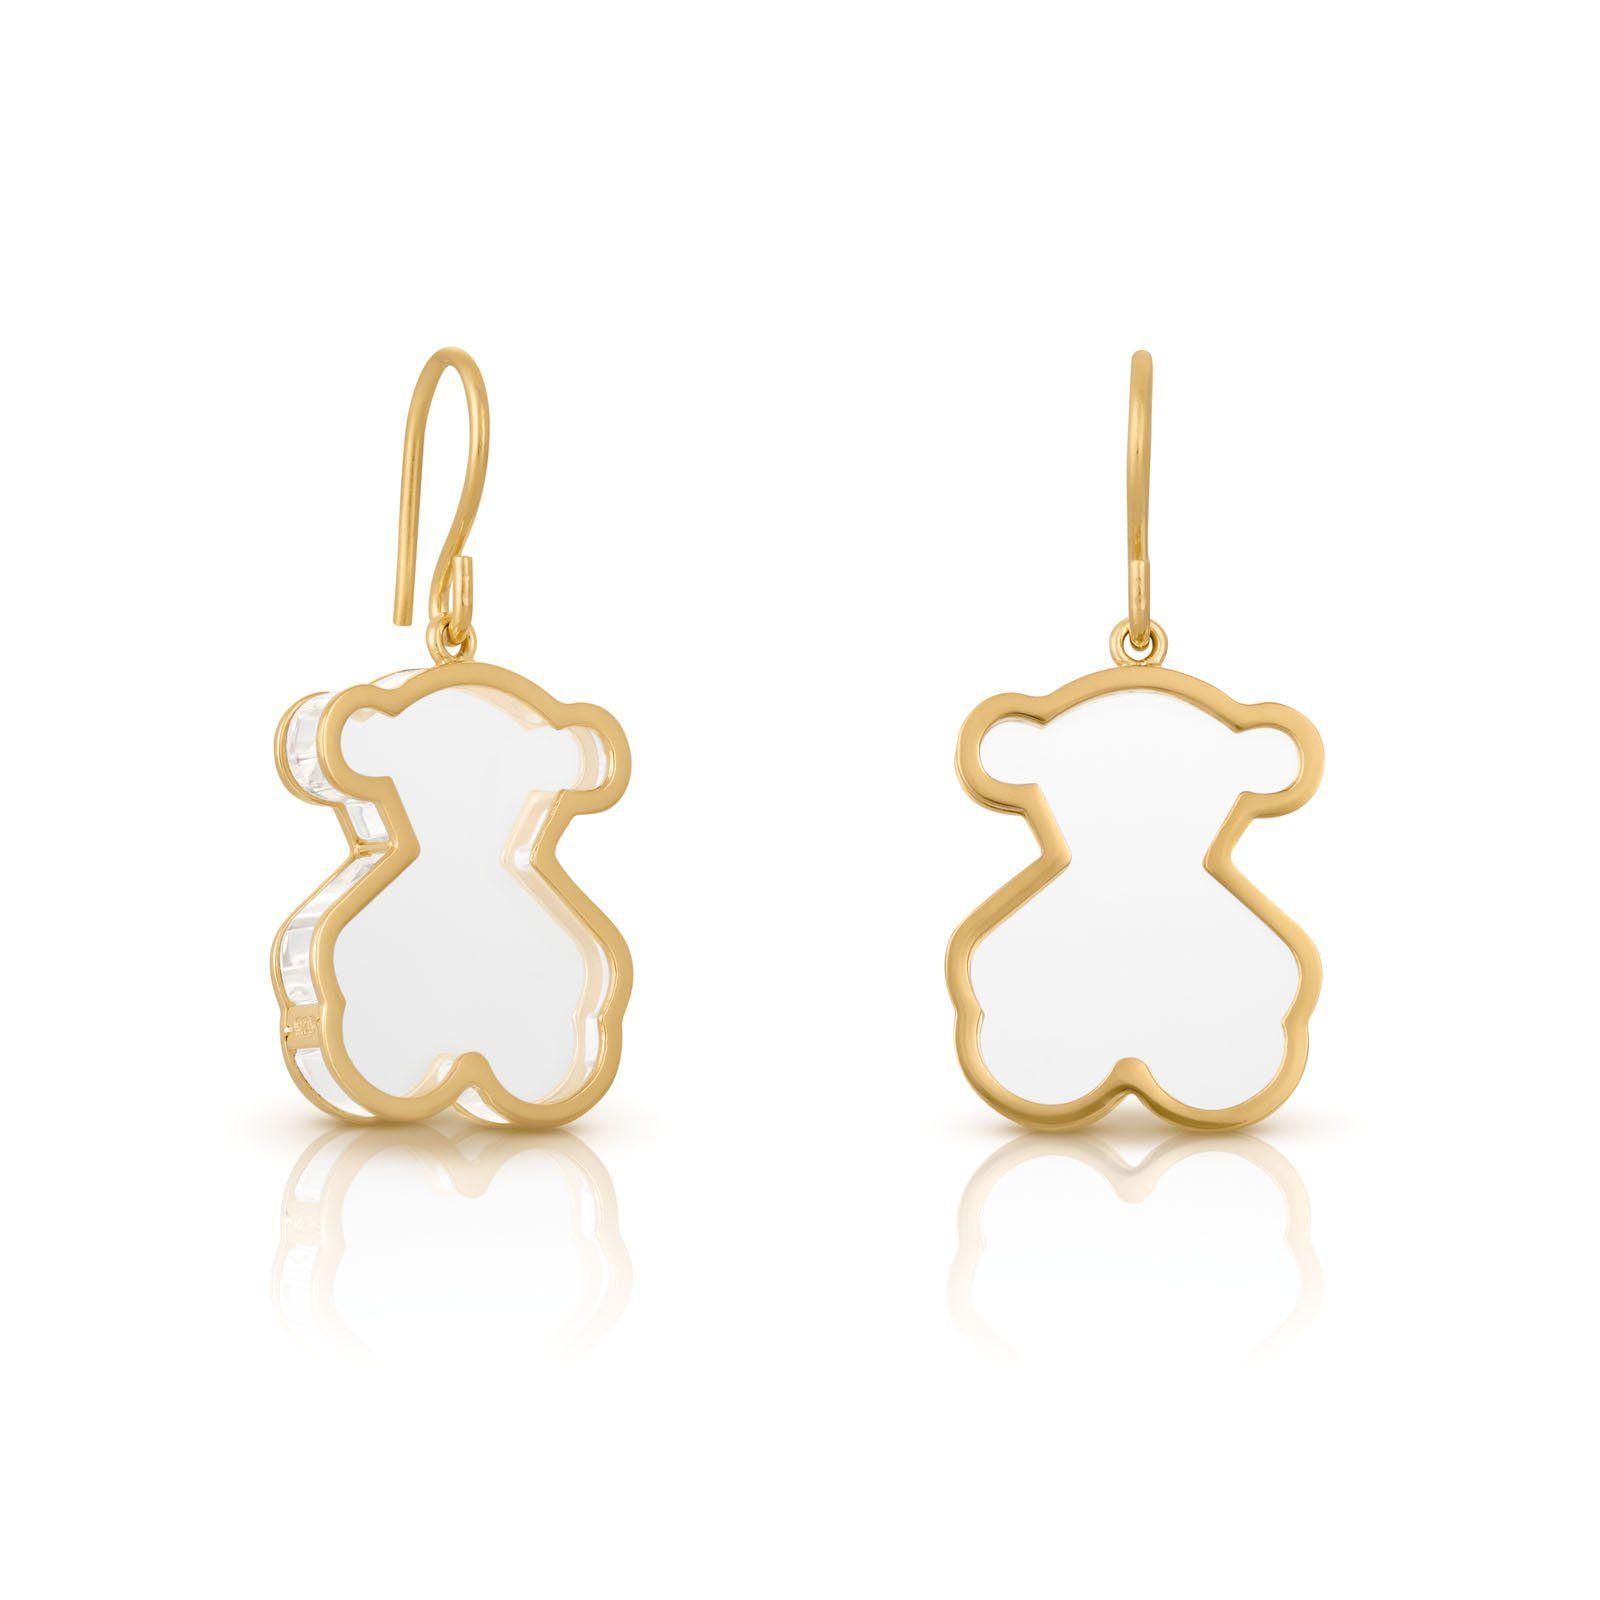 78fe07352 Vermeil TOUS Galaxy earrings. Motif: 2,2cm. - 7/8